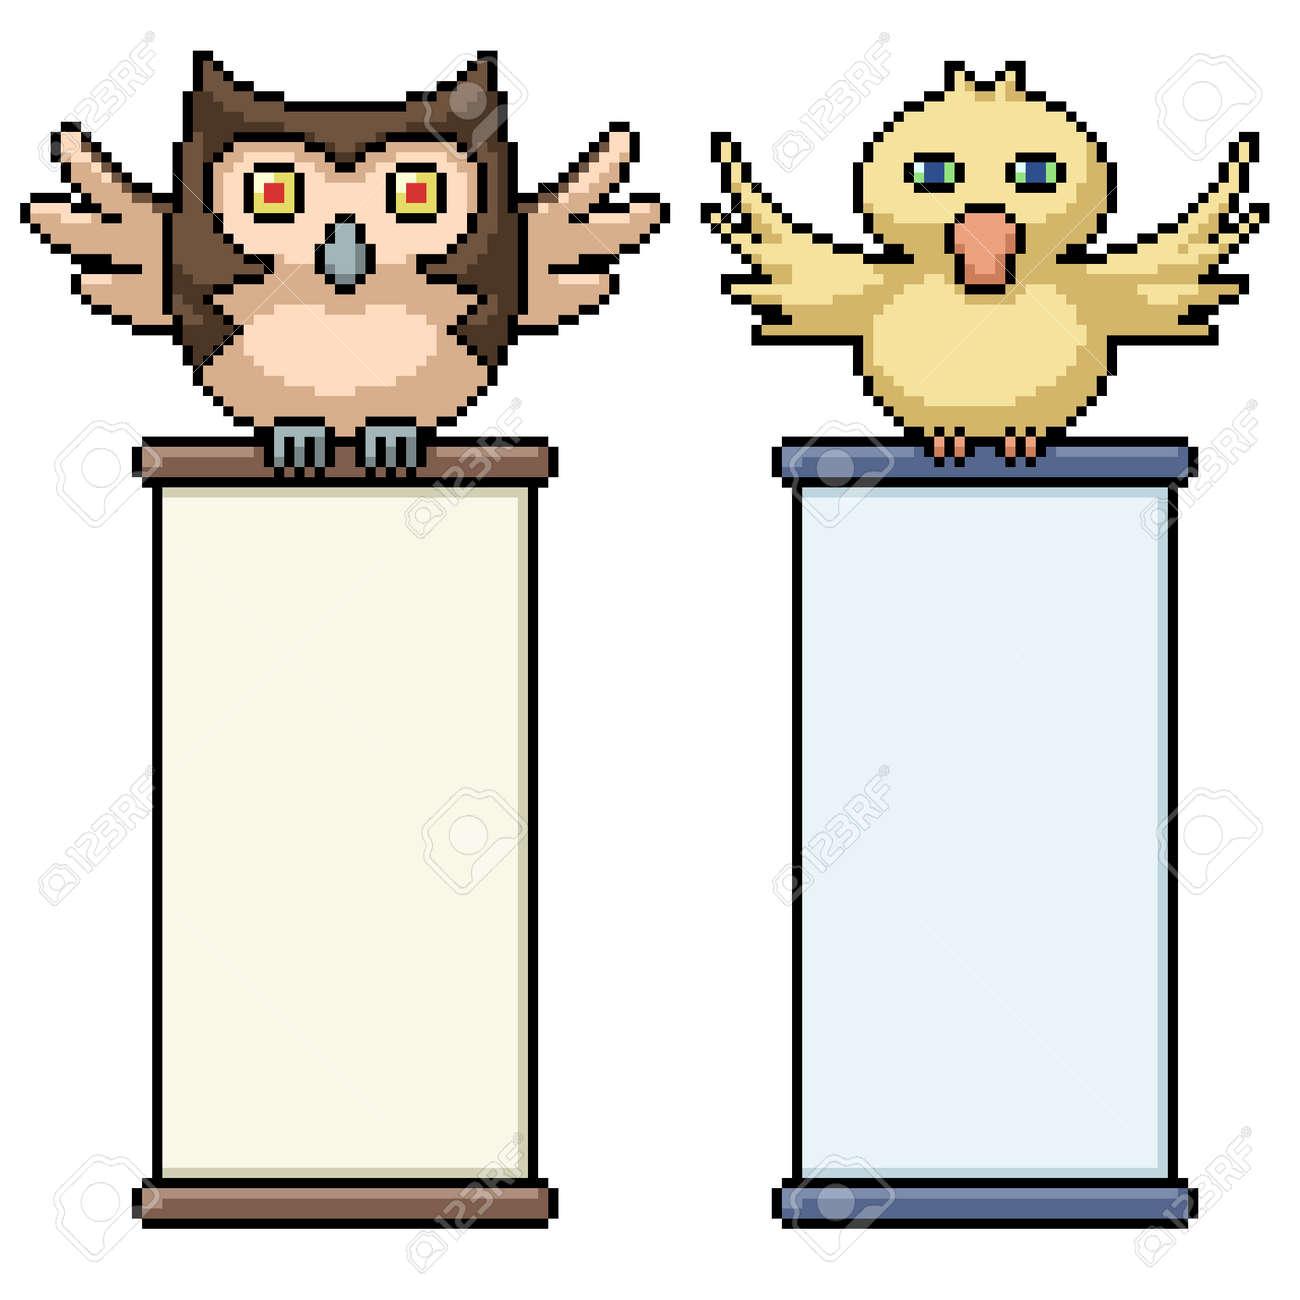 pixel art of bird holding scroll - 169439815